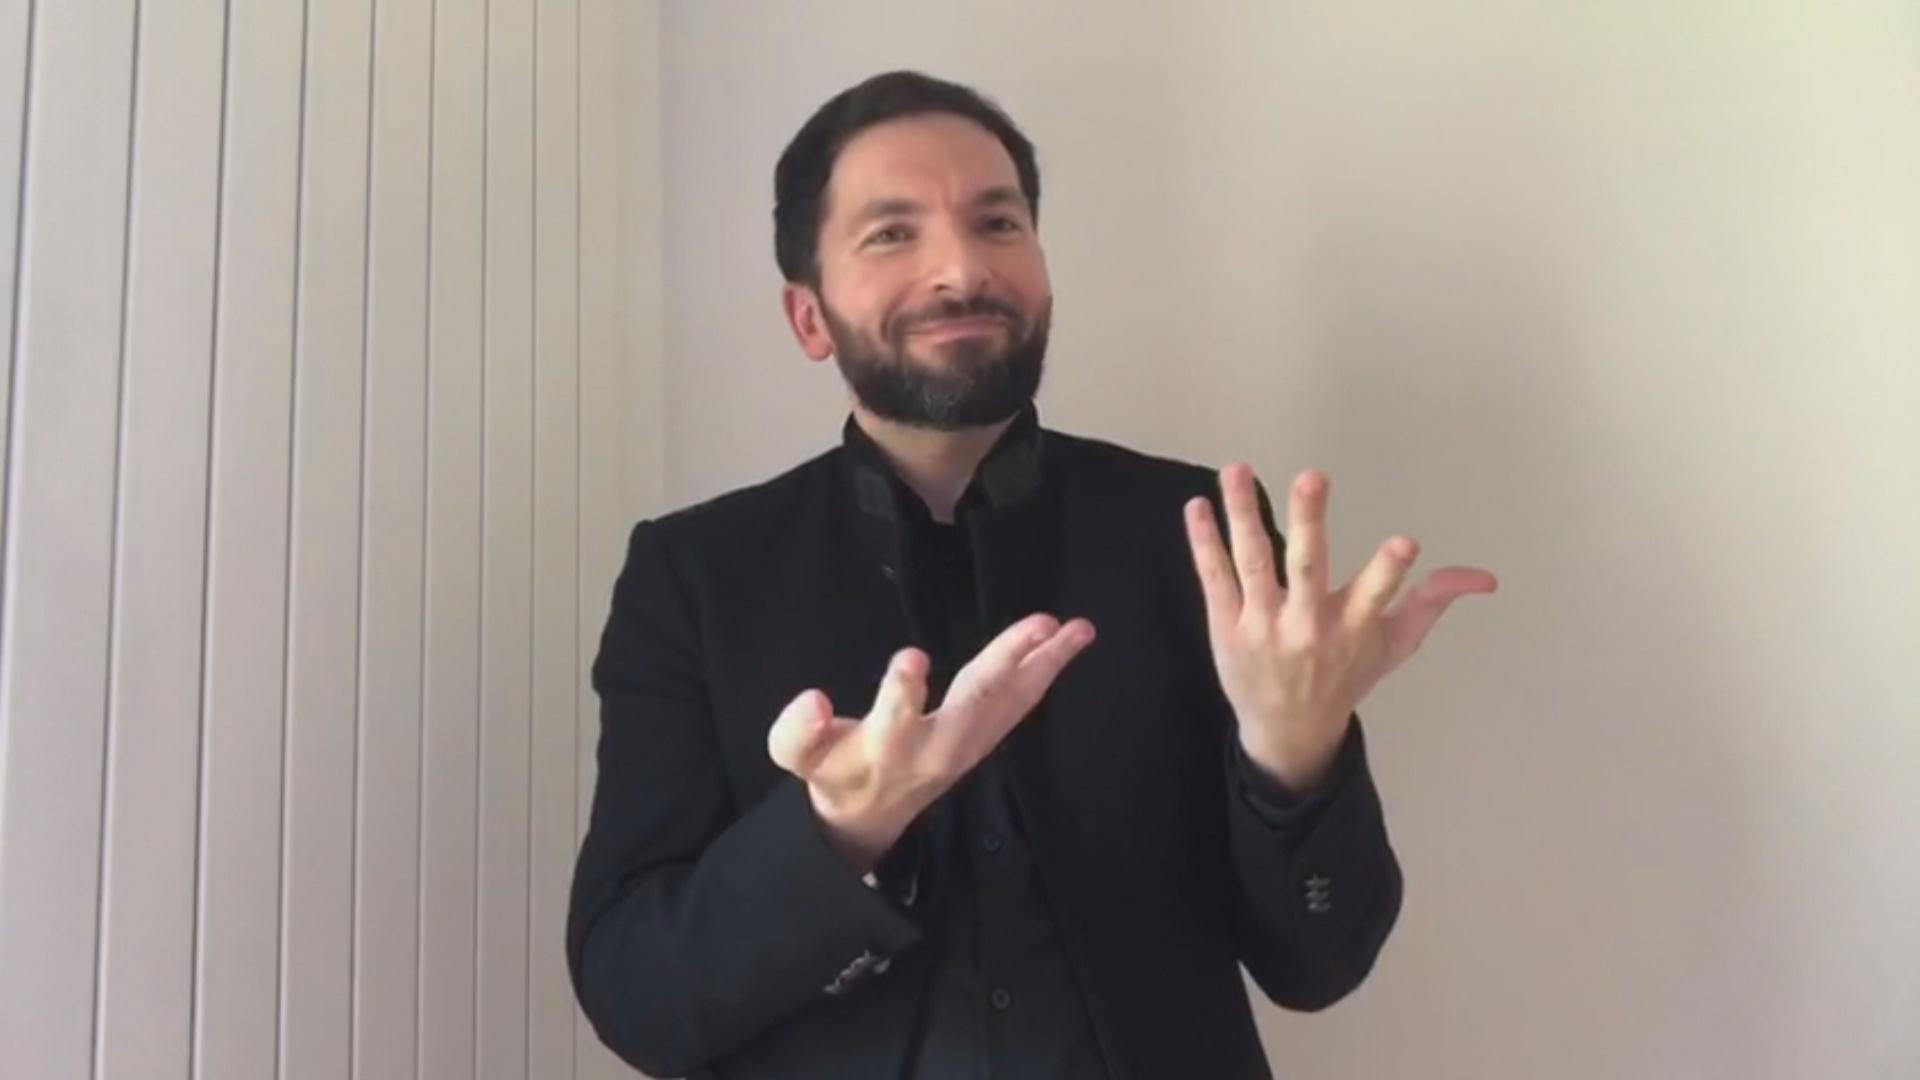 L'intèrpret de llengua de signes David Jiménez demana potenciar més la seva feina i estendre-la a tots els àmbits